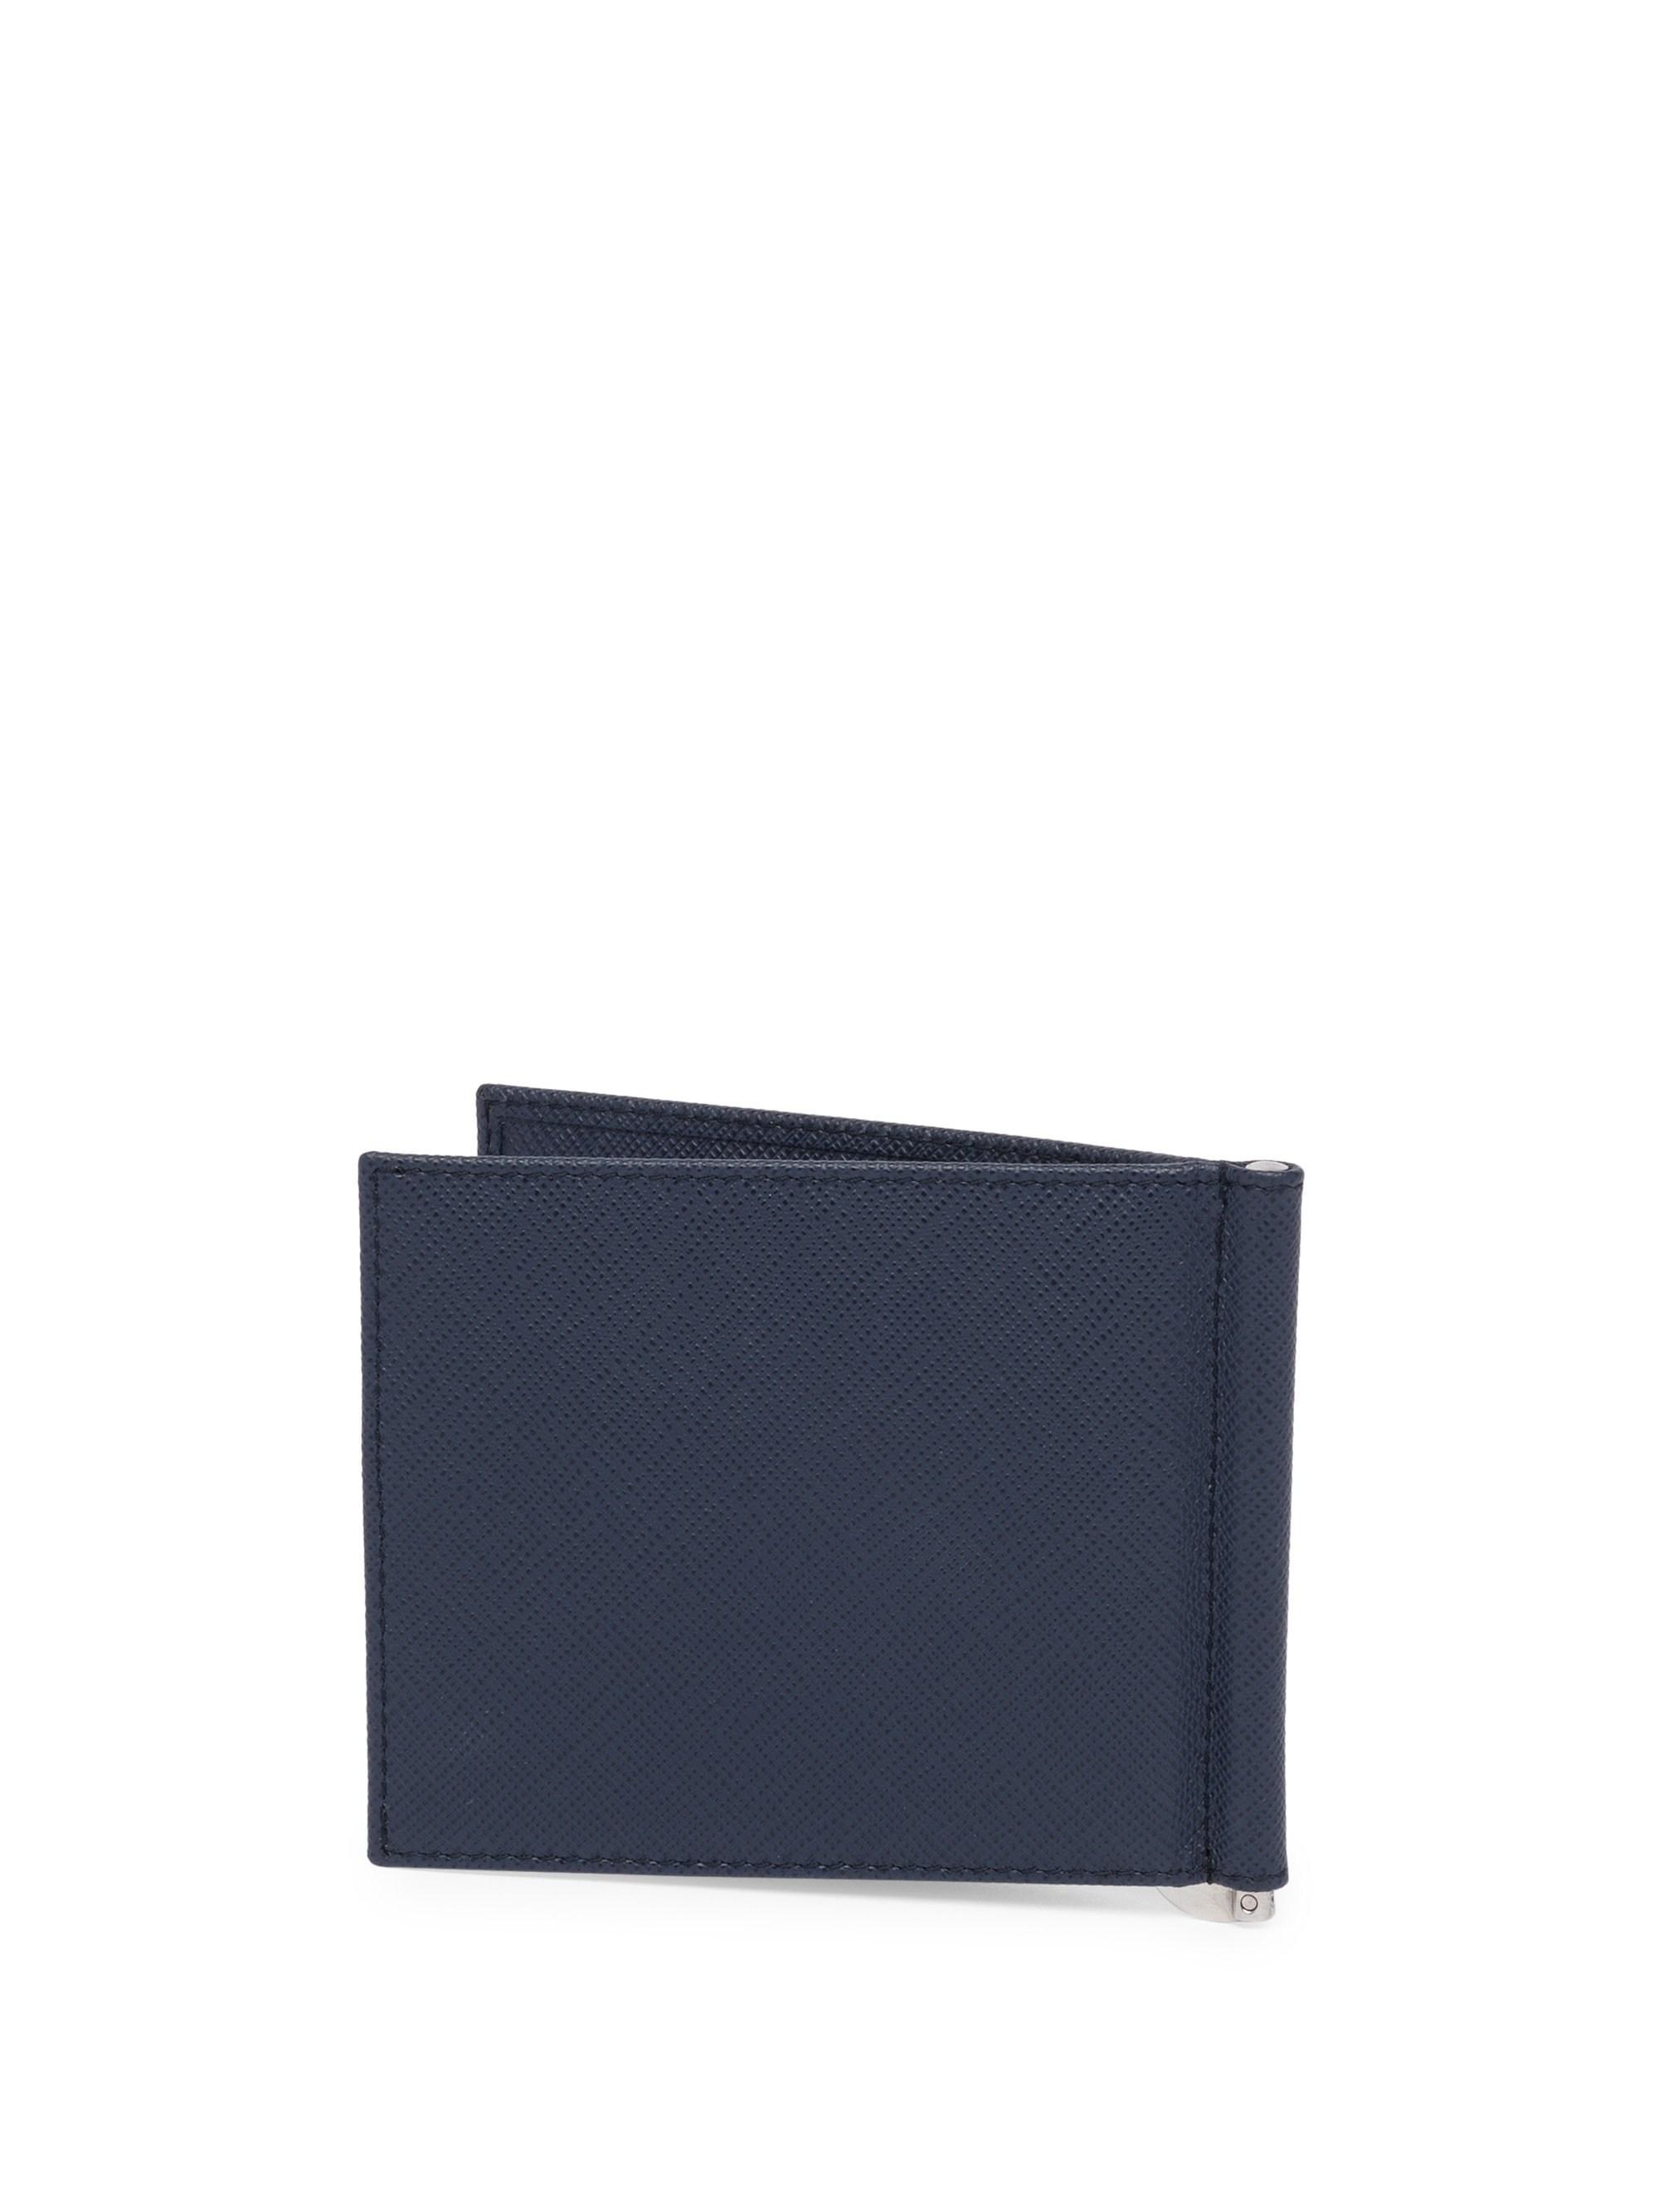 3c011e13a25f75 Prada Men's Saffiano Leather Triangolo Billfold Wallet - Baltico in Blue  for Men - Lyst